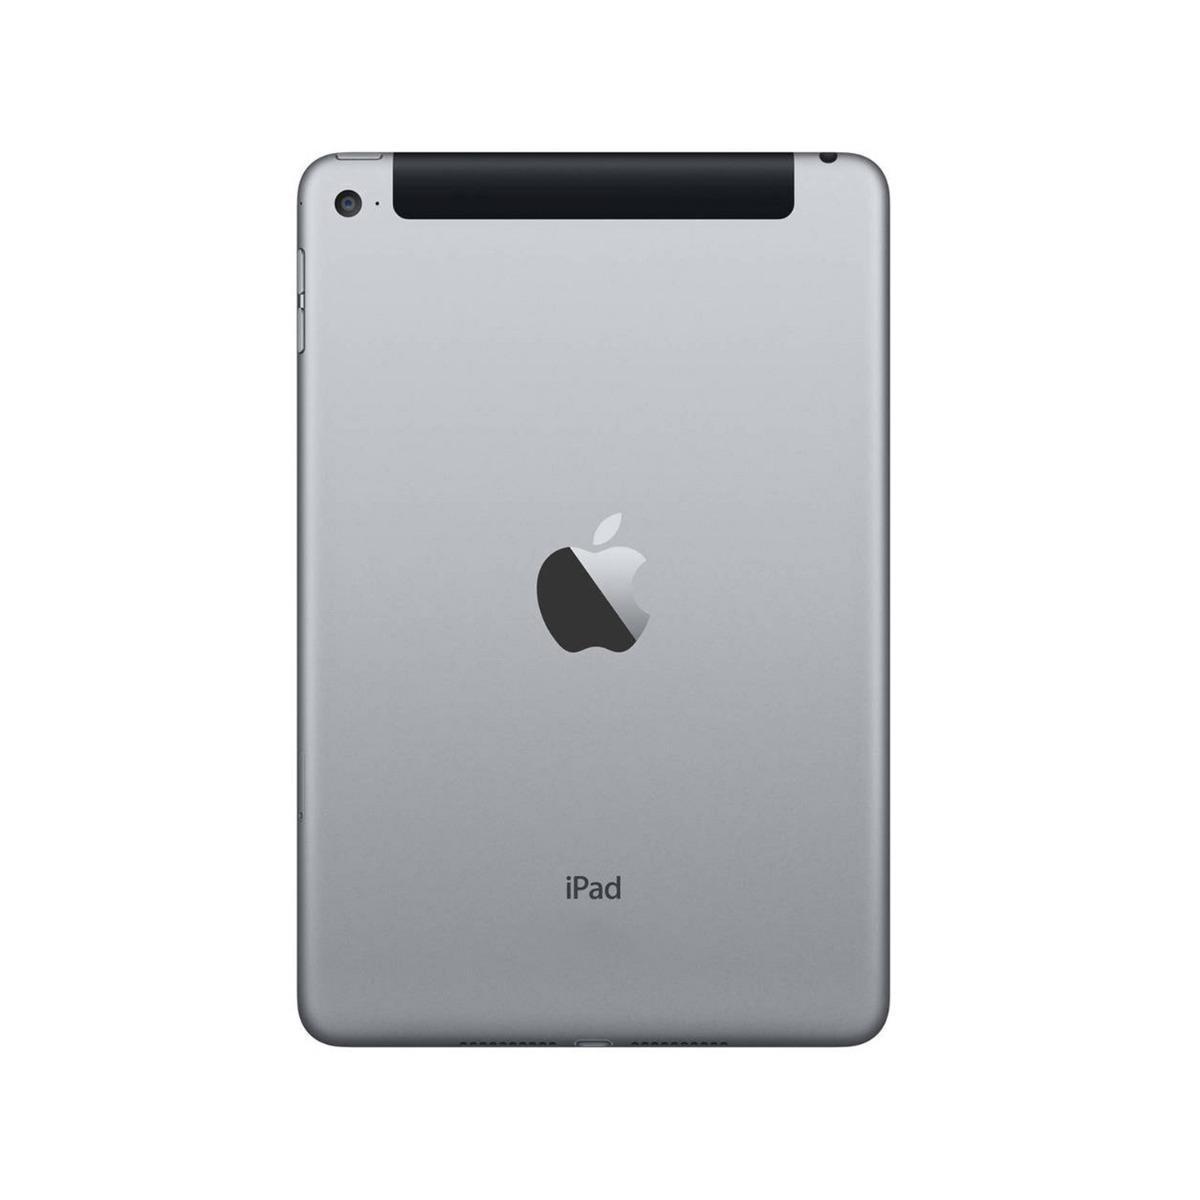 iPad mini 4 (2015) - WLAN + LTE